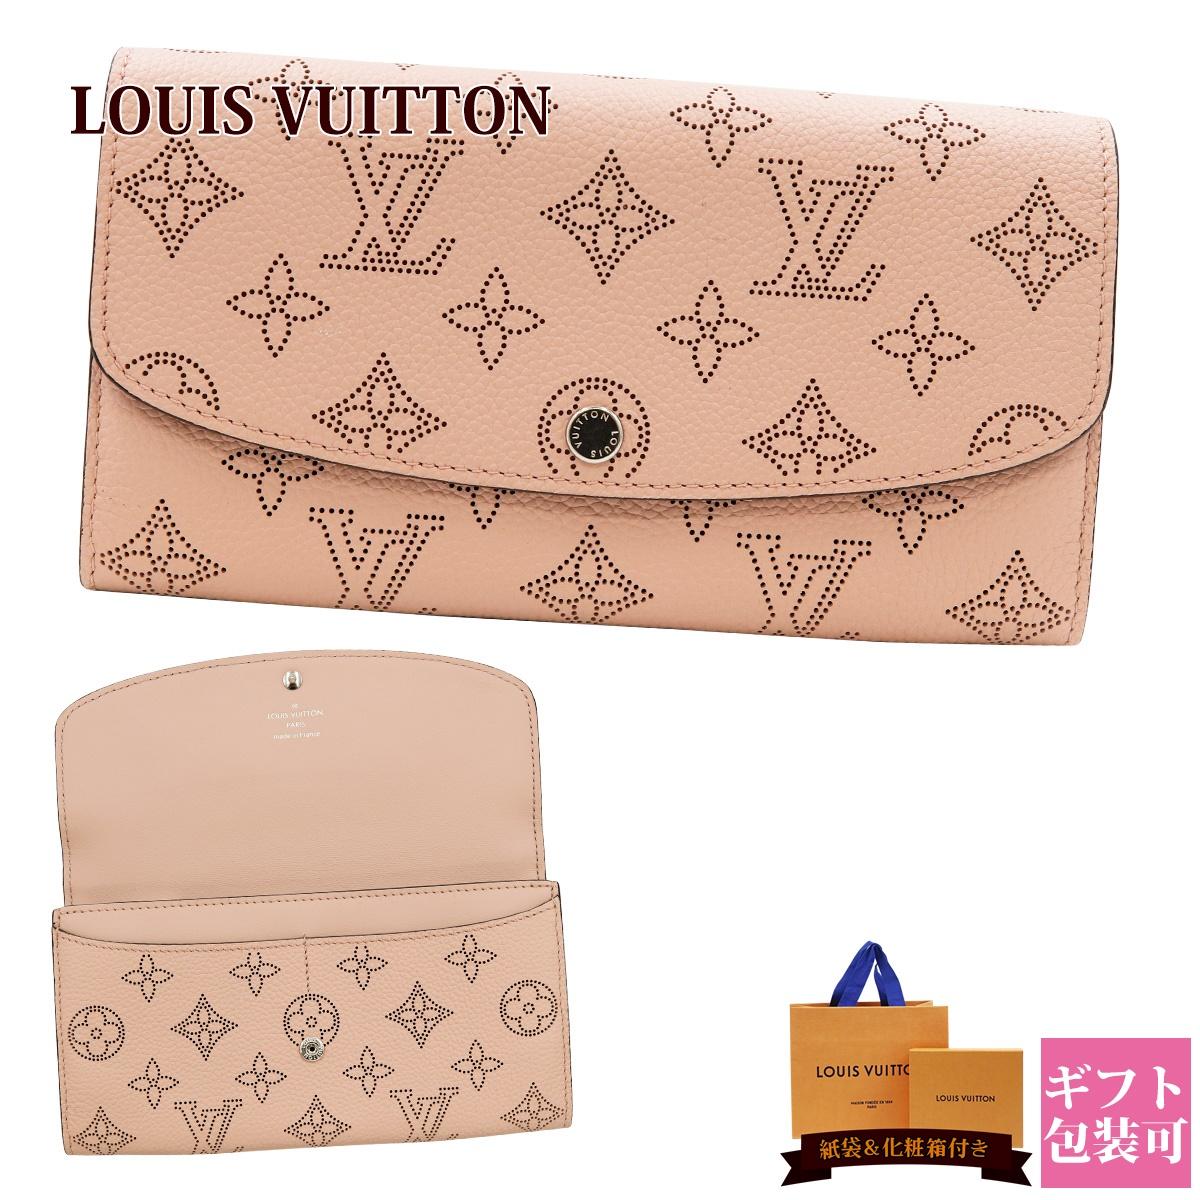 ルイヴィトン 財布 長財布 新品 レディース 二つ折り ポルトフォイユ・イリス 正規品 LOUISVUITTON M60145 ホワイトデー ギフト 春財布